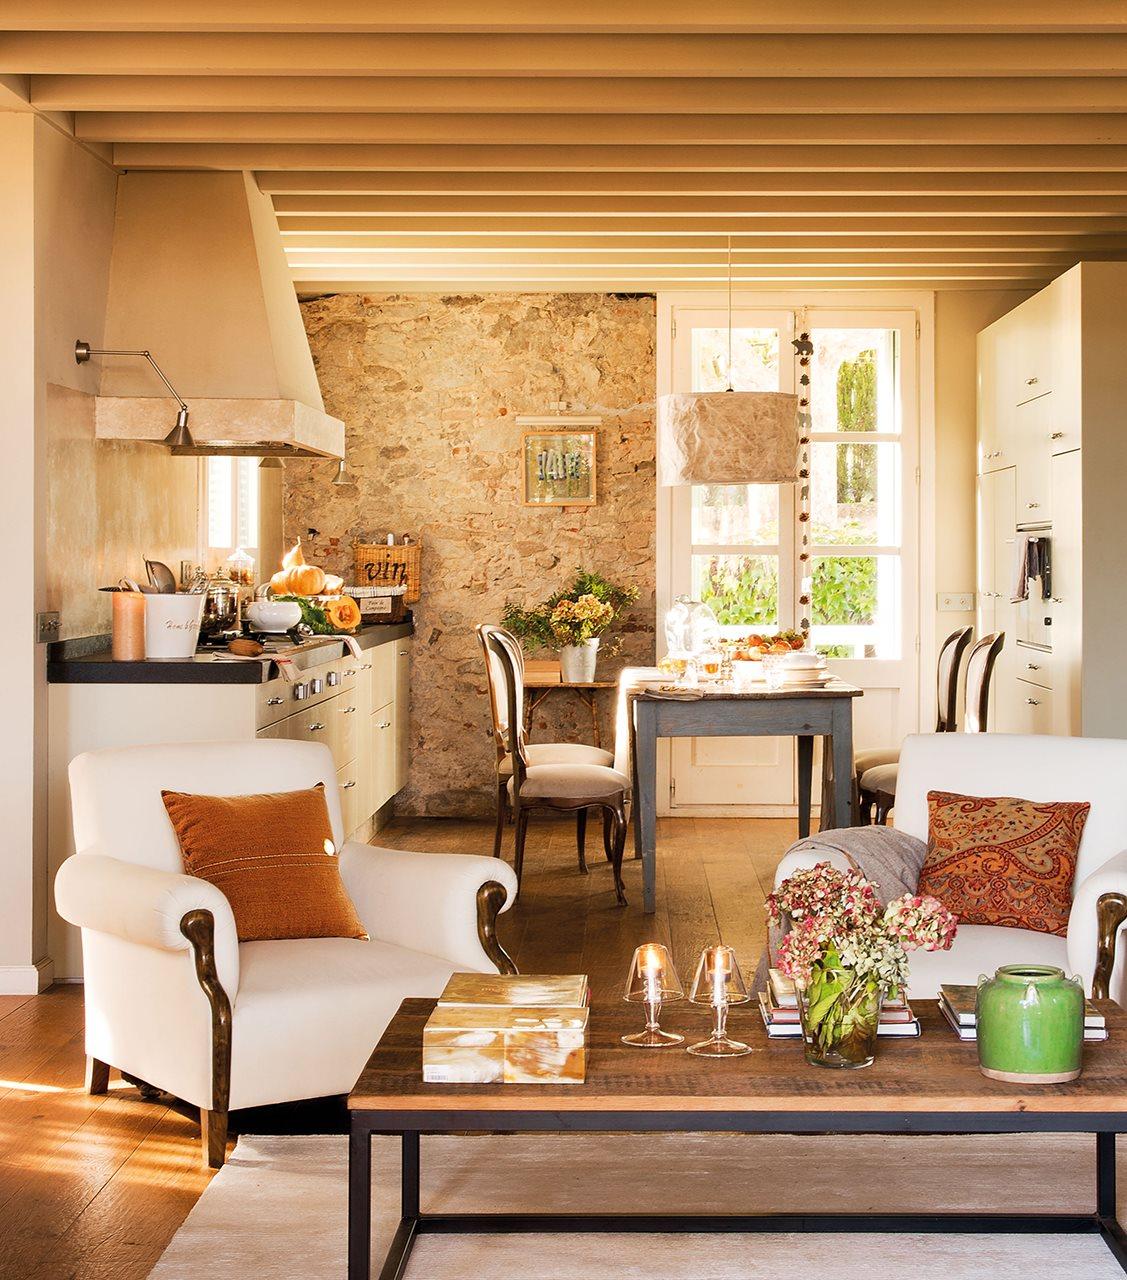 3 cocinas abiertas muy bien integradas - Muebles de piedra ...